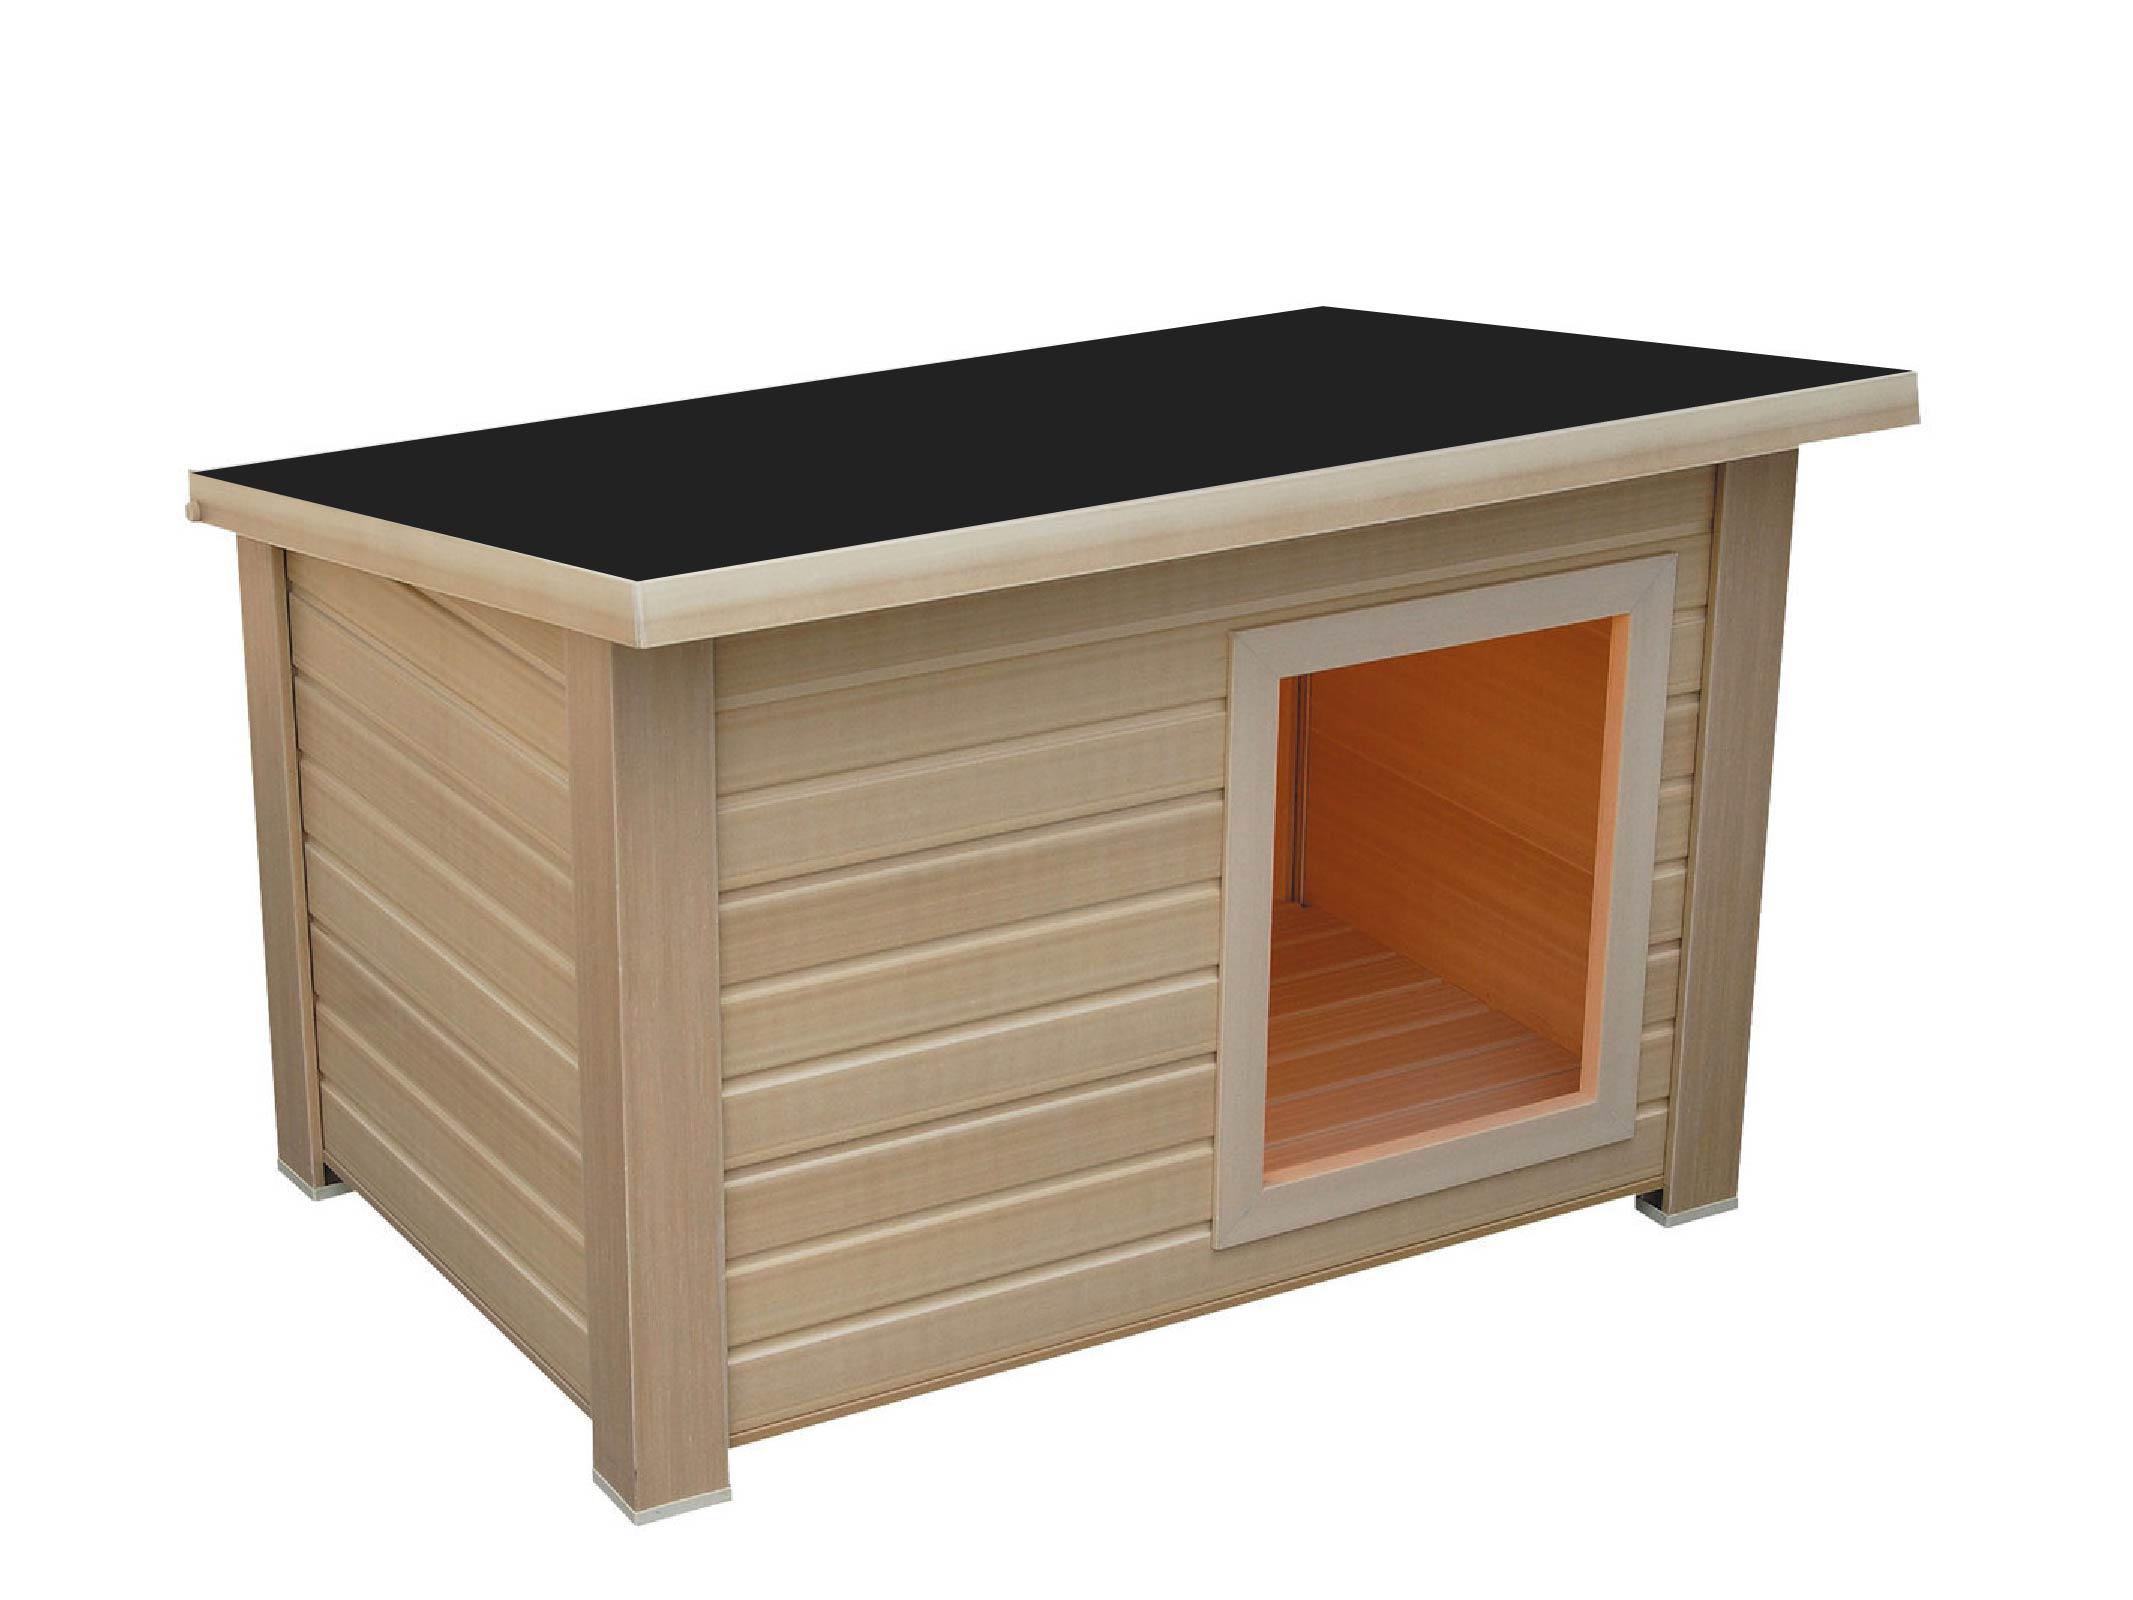 hundeh tten und st lle hundeh tte m holzh tte f r ihren hund x x pultdach. Black Bedroom Furniture Sets. Home Design Ideas